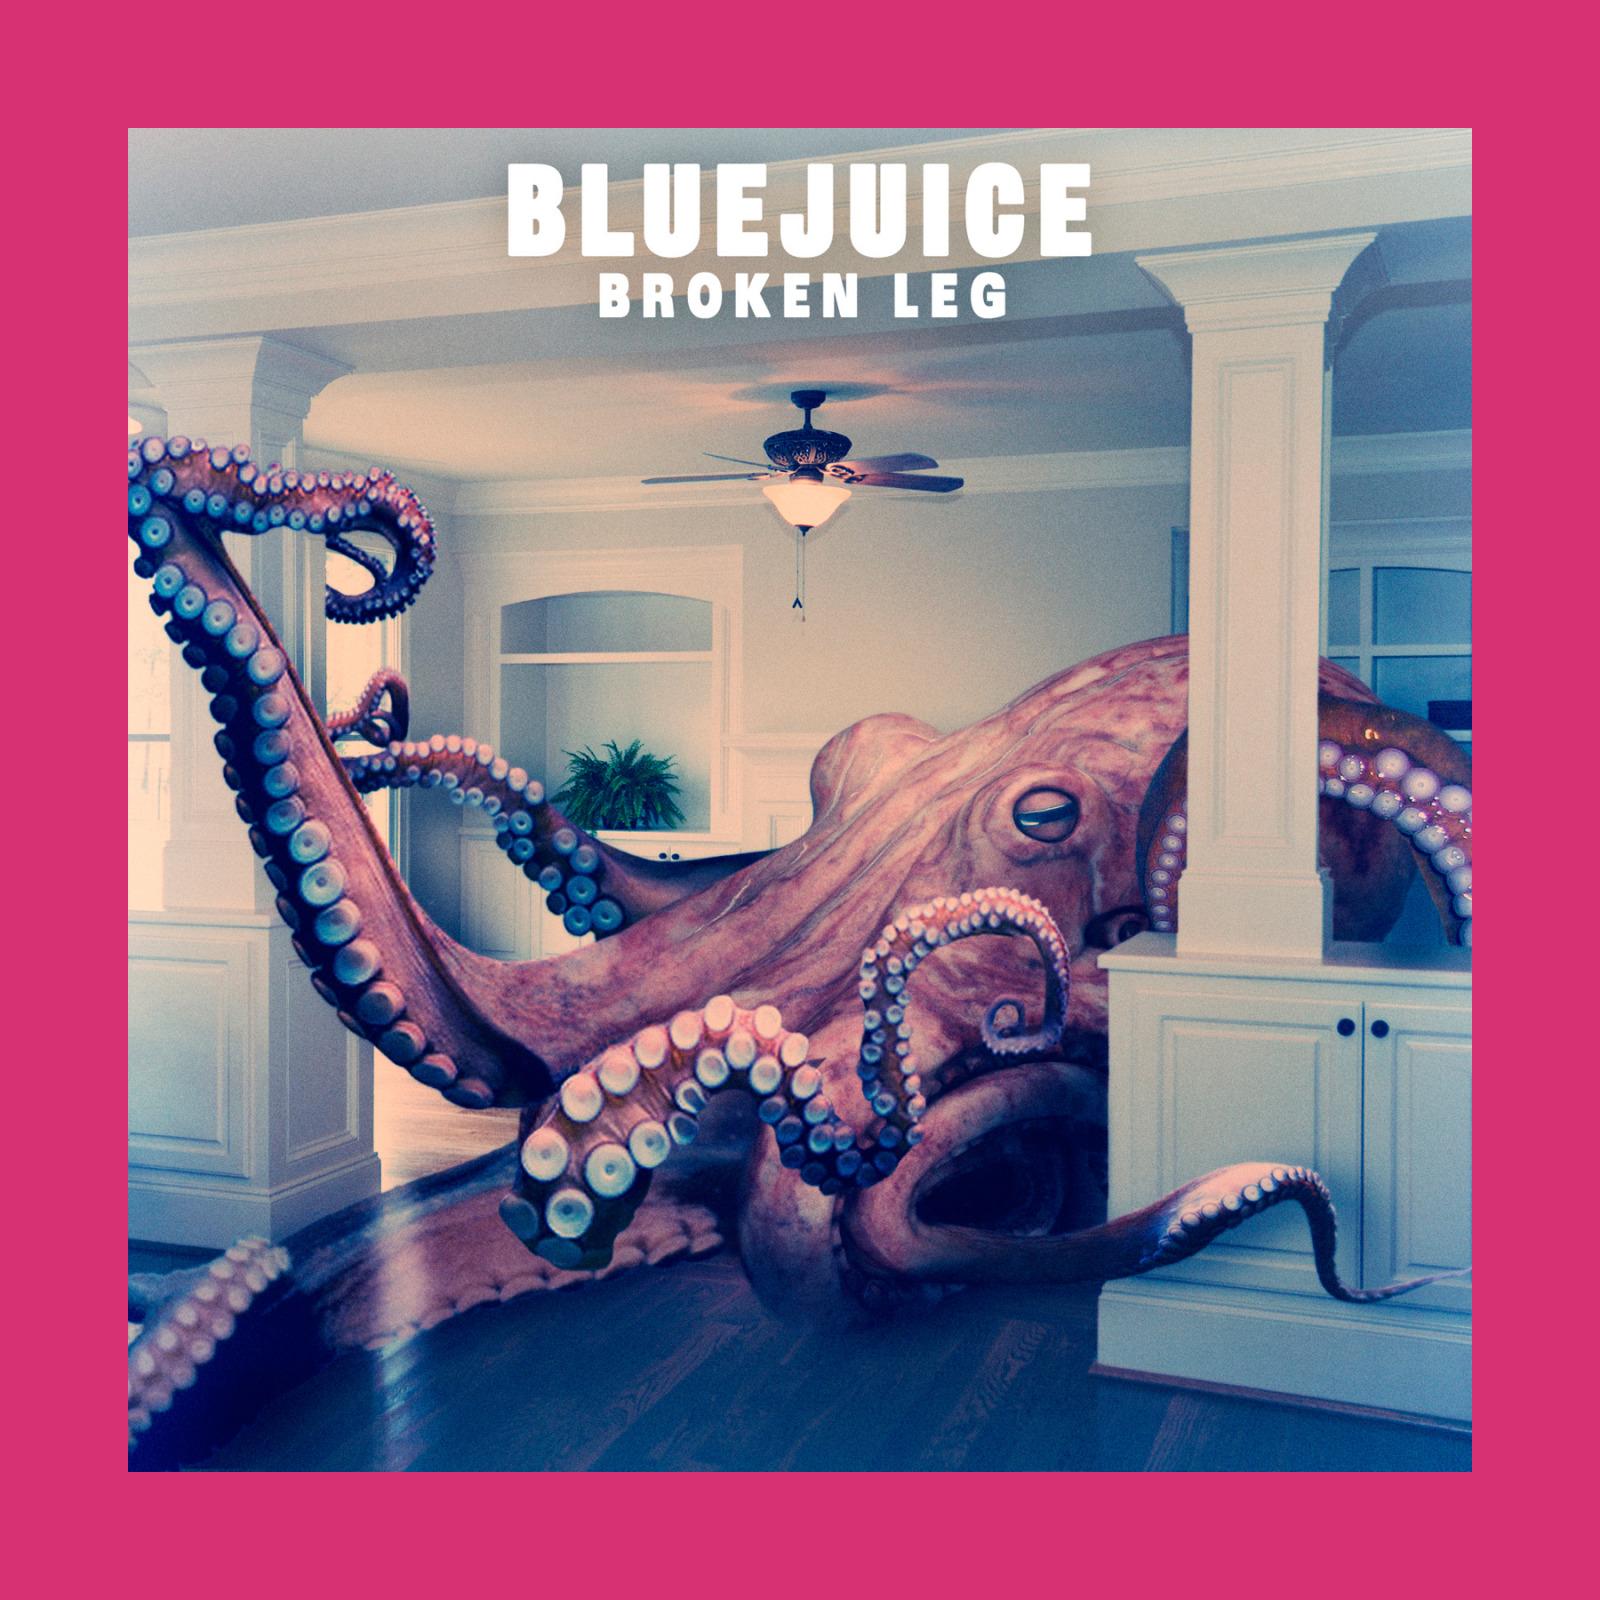 bluejuice_02